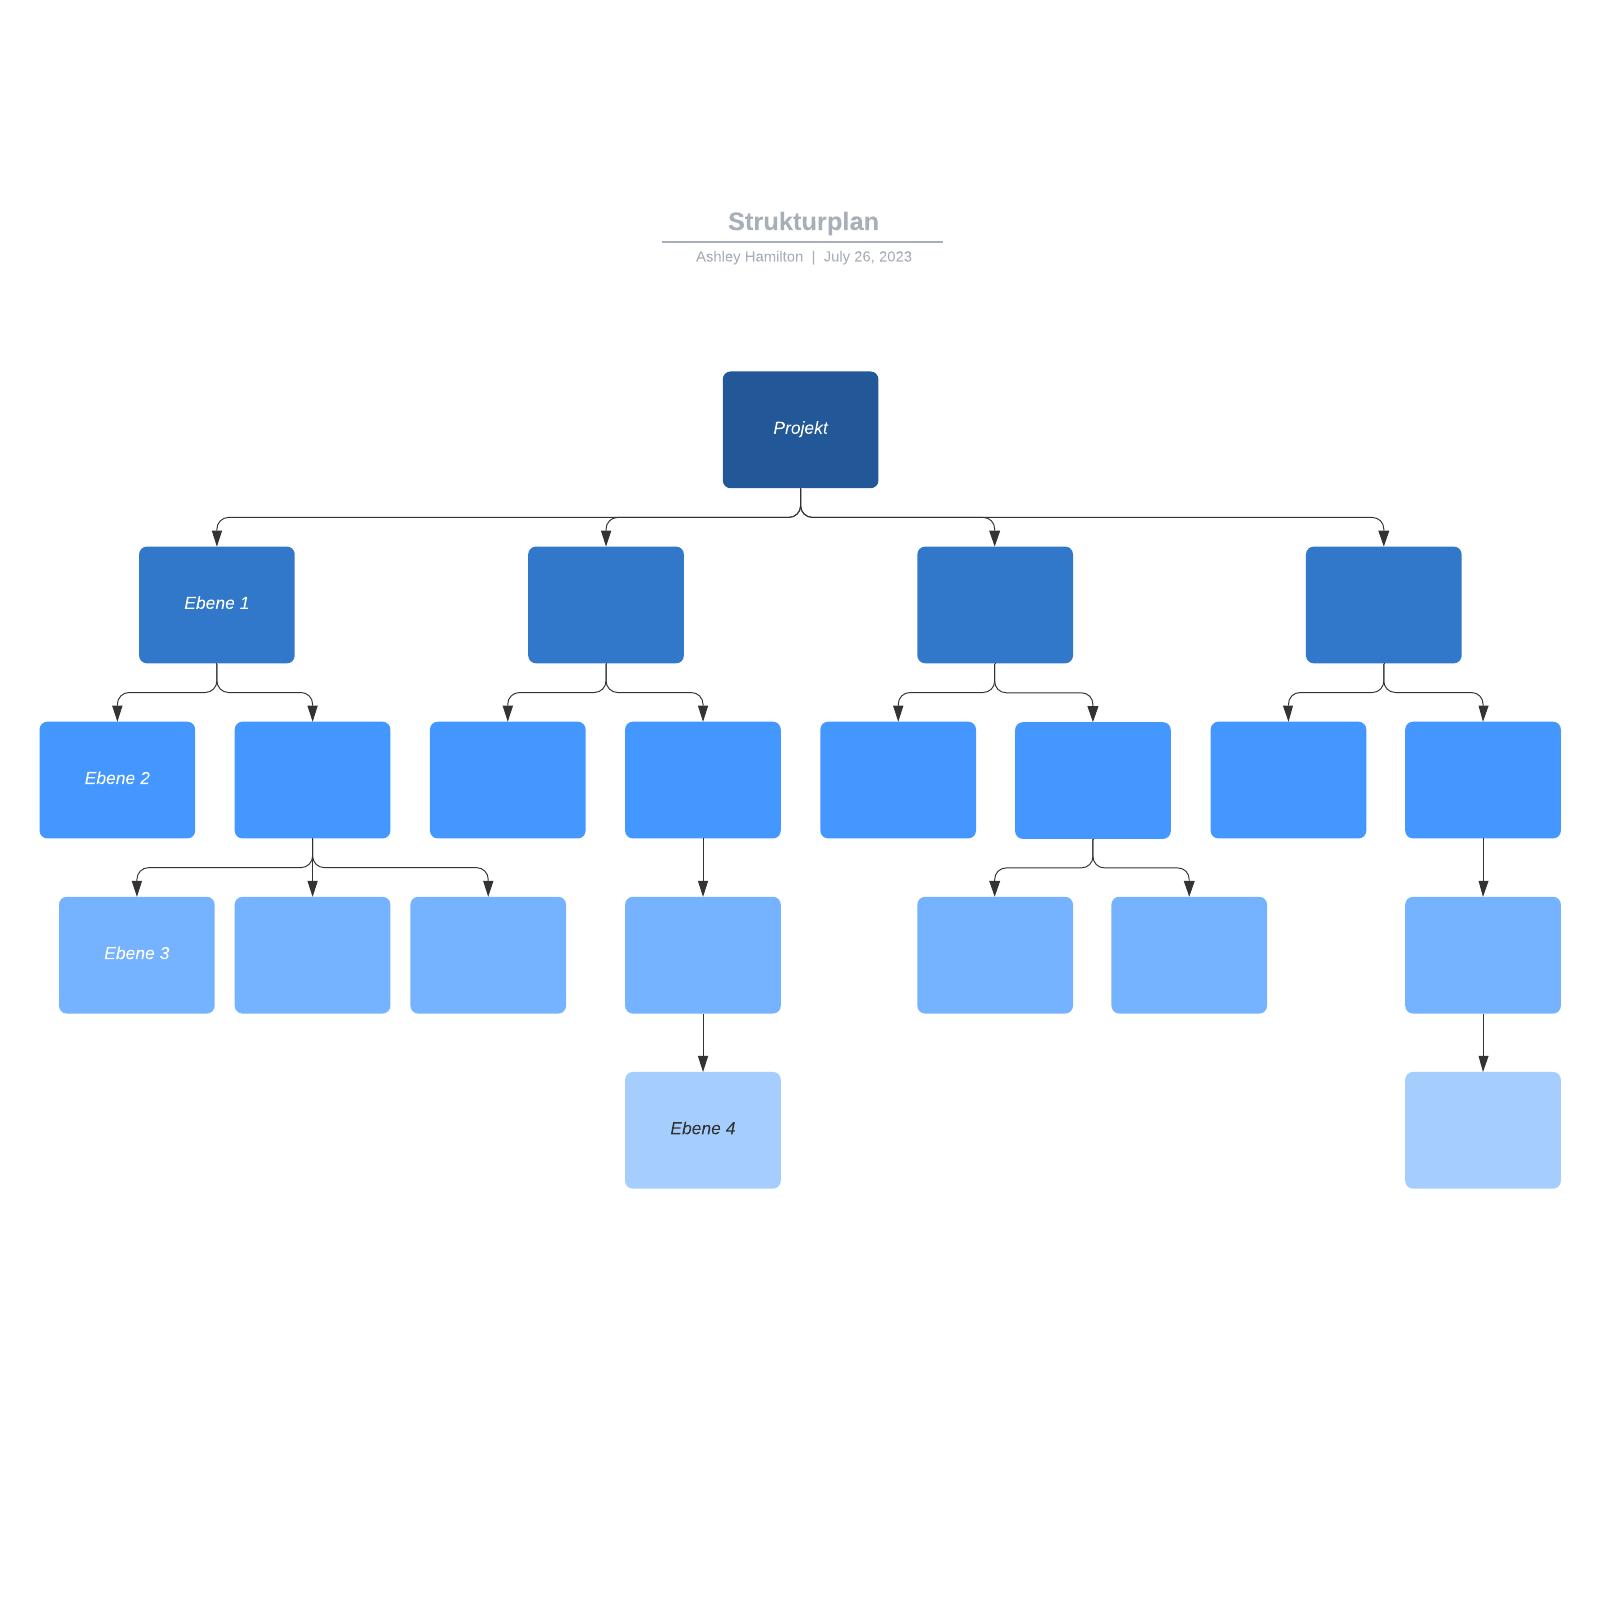 Strukturplan Vorlage